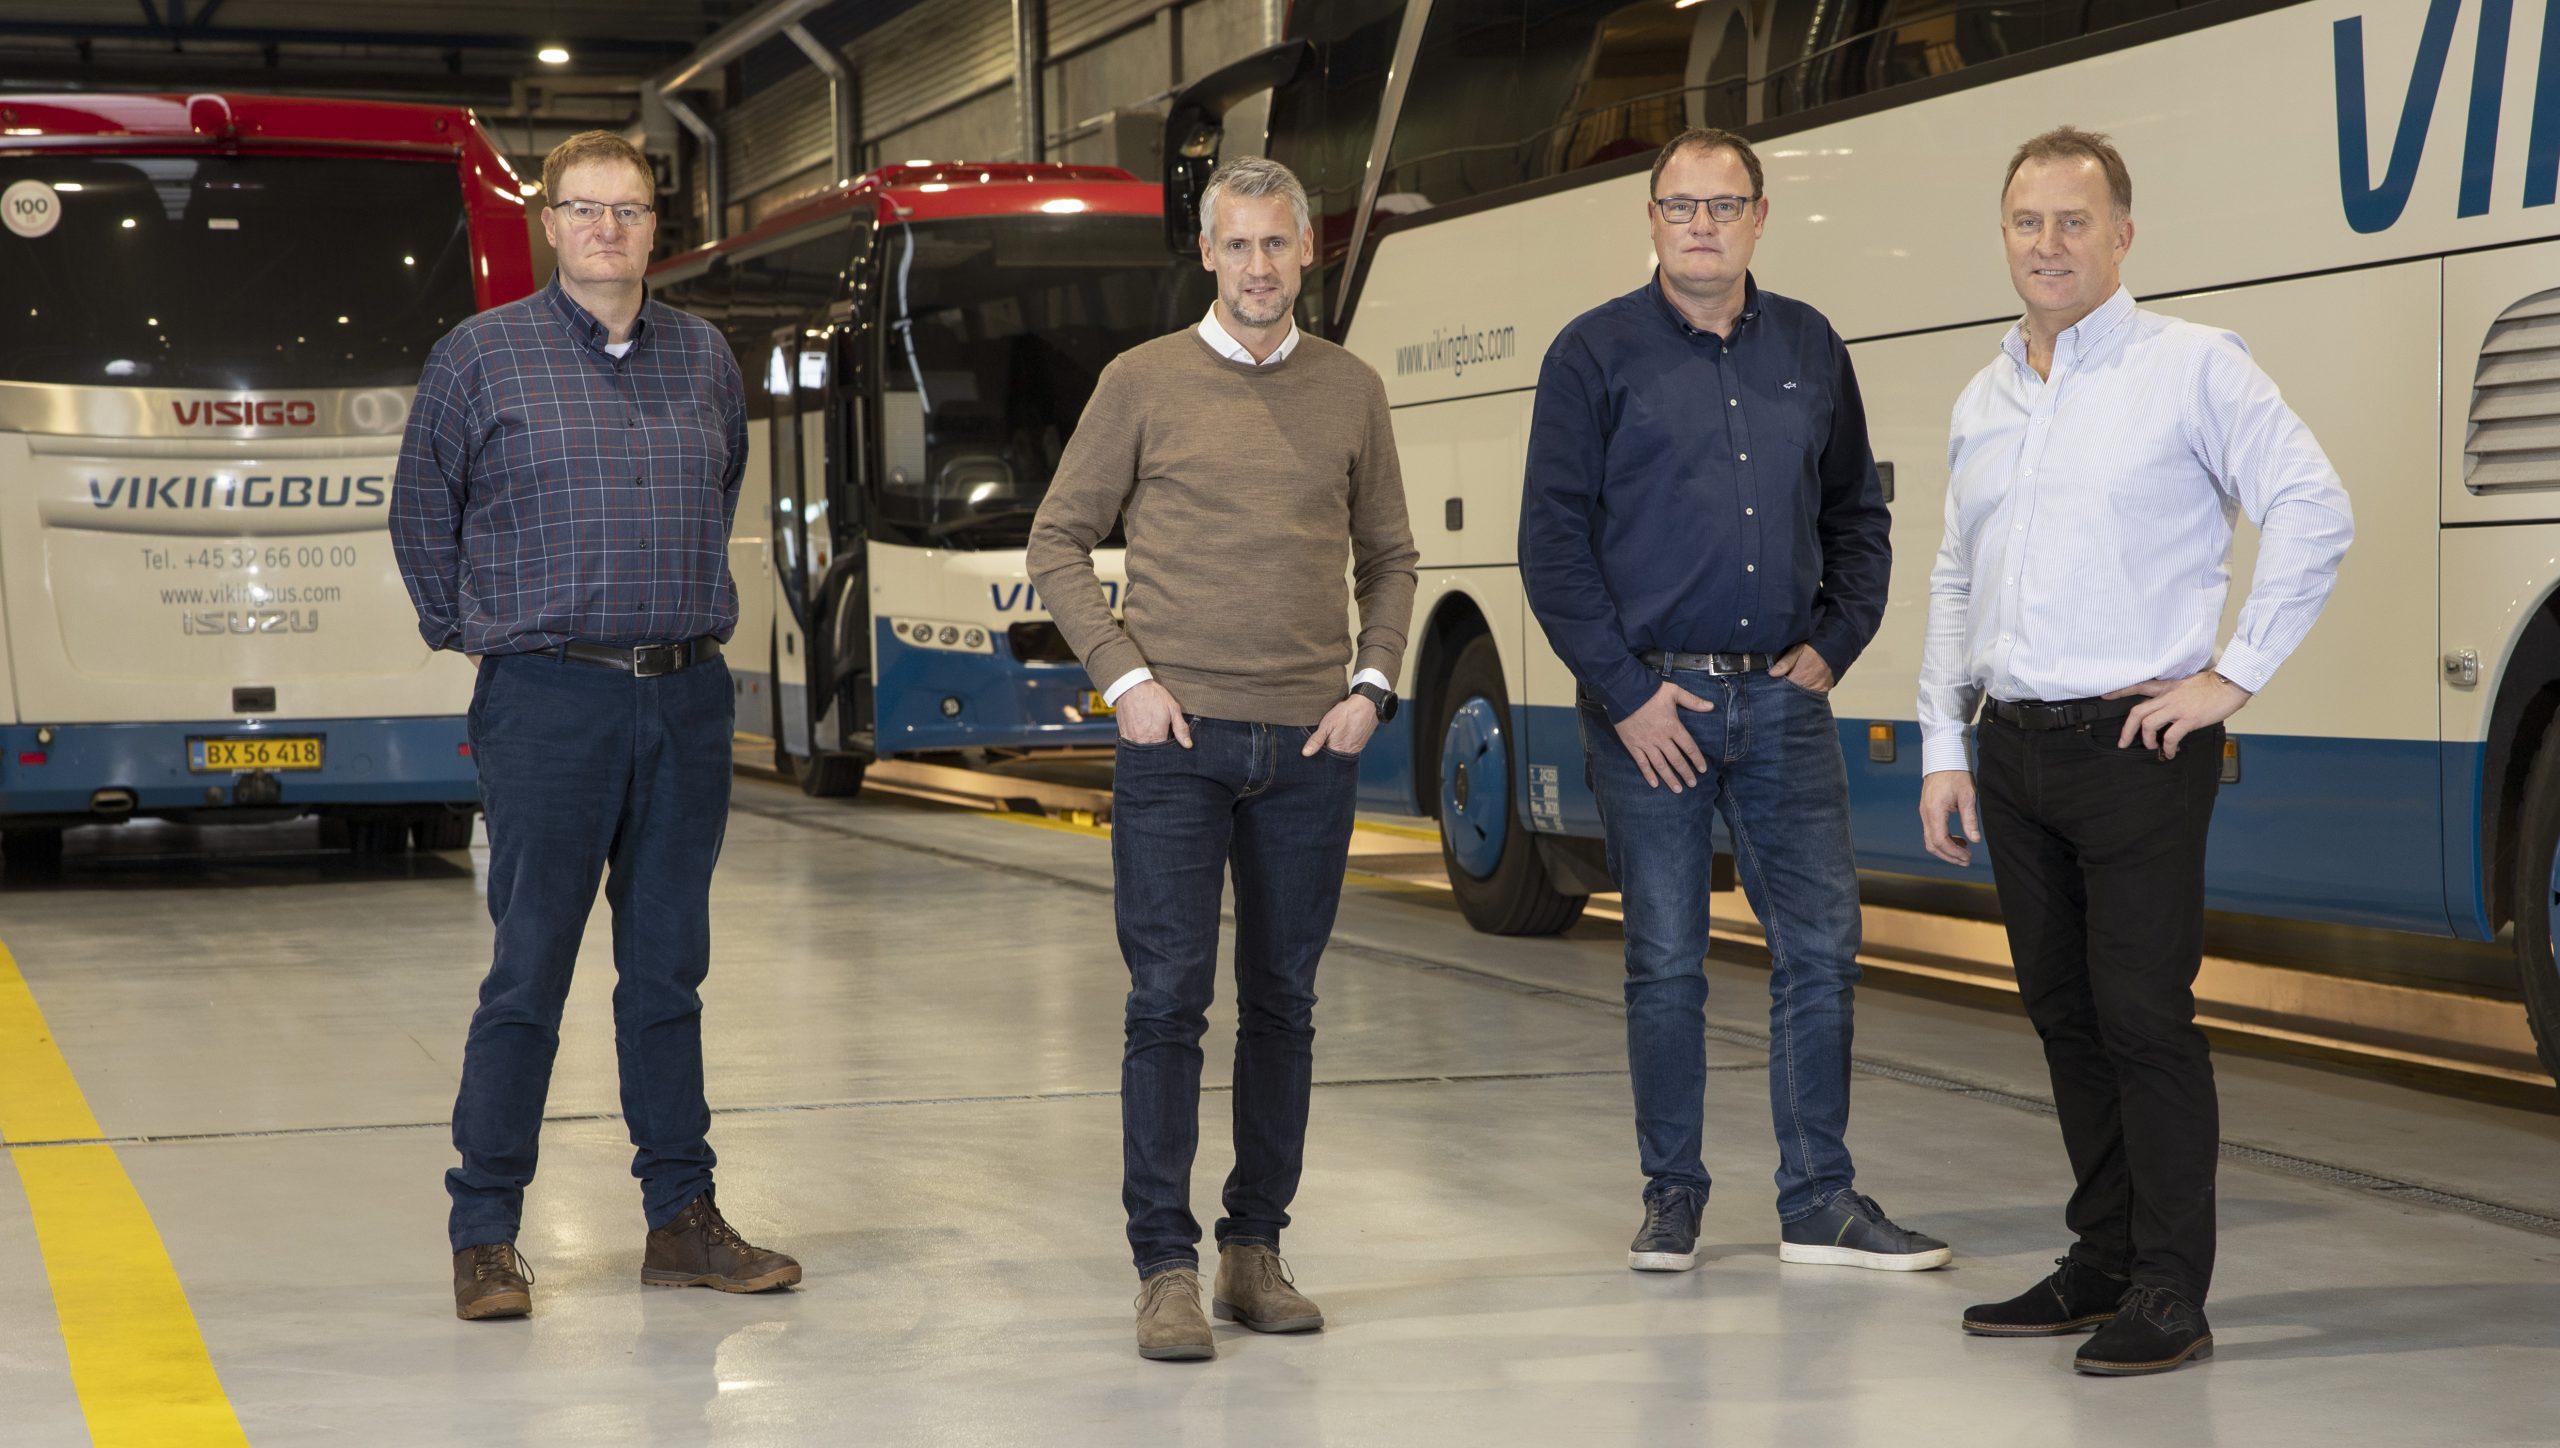 Stifterne af Vikingbus, fra venstre Peter Papuga, Carsten Papuga, Lars Larsen og Mogens Pedersen, sidstnævnte bliver busselskabets administrerende direktør. Pressefoto Bjarke Ørsted.